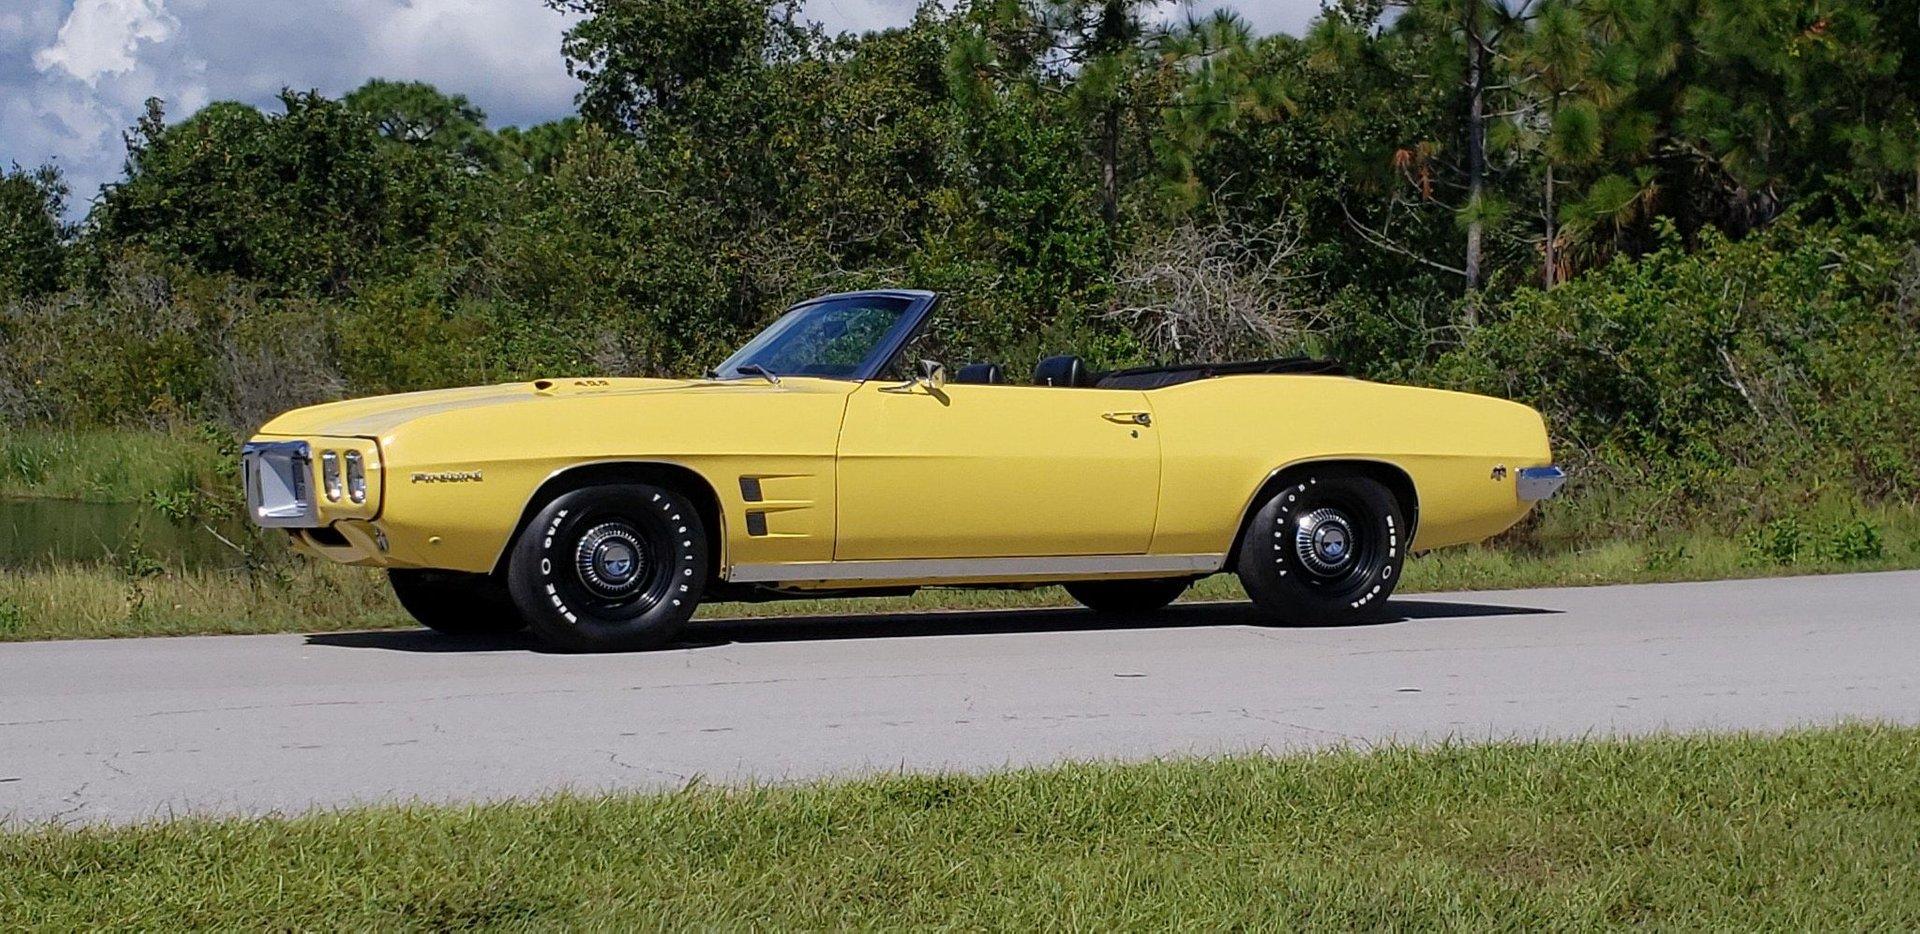 1969 pontiac firebird ram air iii convertible